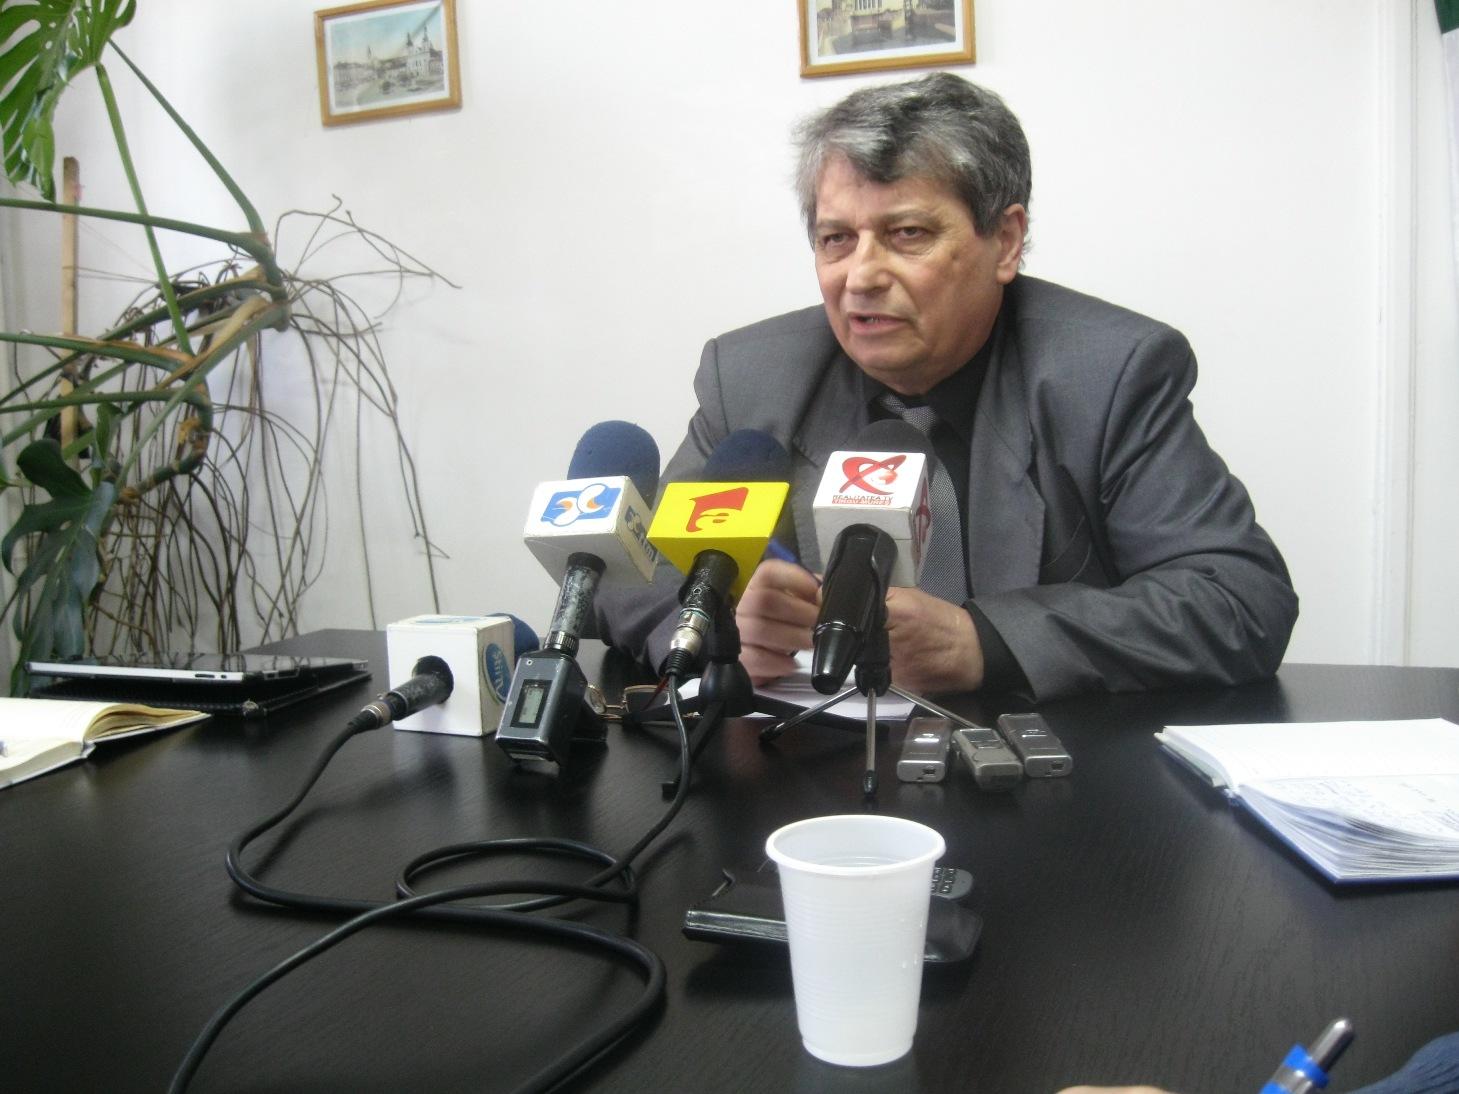 Banii pentru sport sunt folosiţi în detrimentul înfiinţării liniei maghiare de la UMF Tg Mureş.